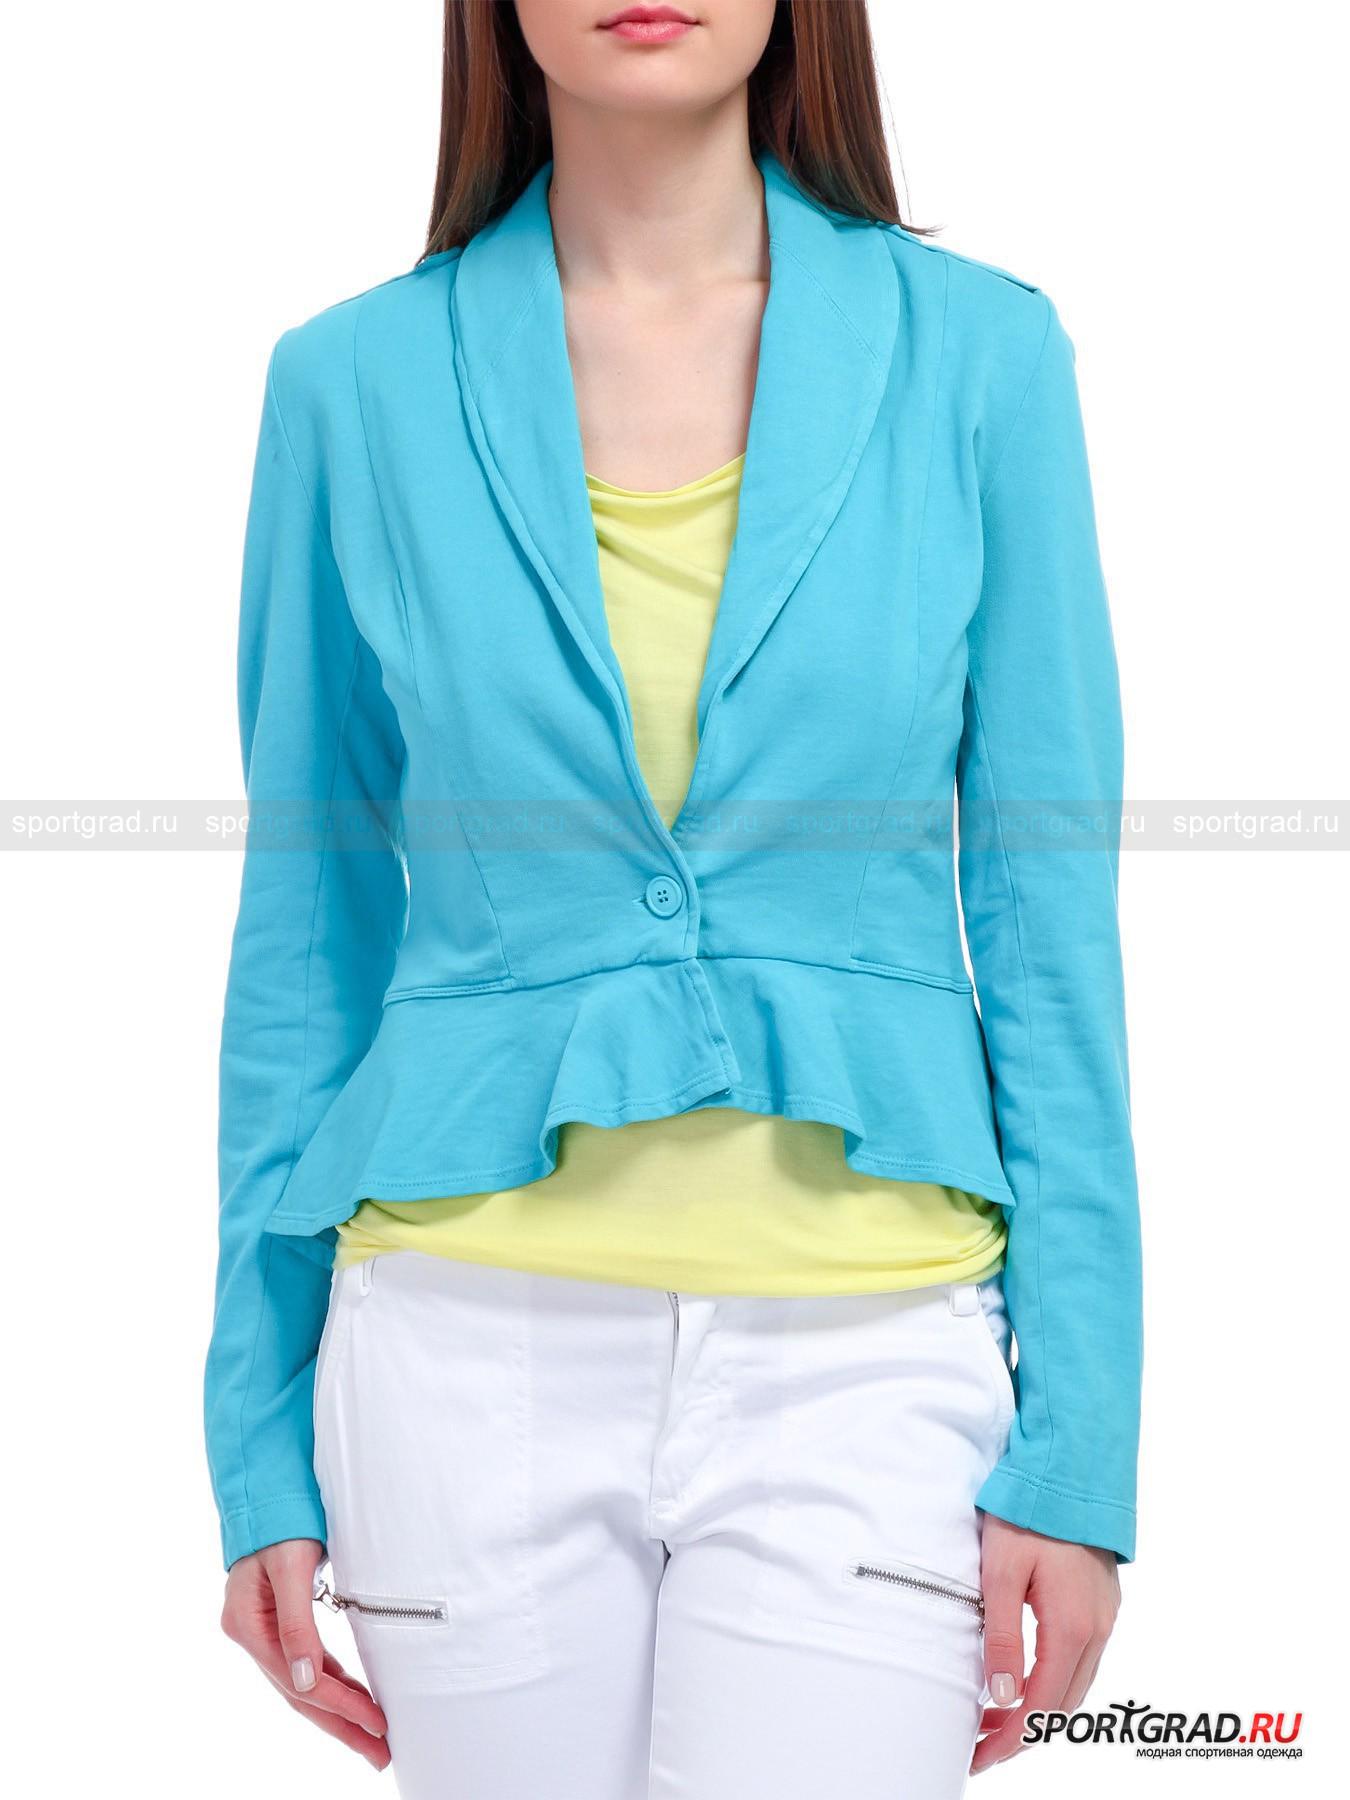 Женский жакет Jacket  DEHA из футерированного хлопка